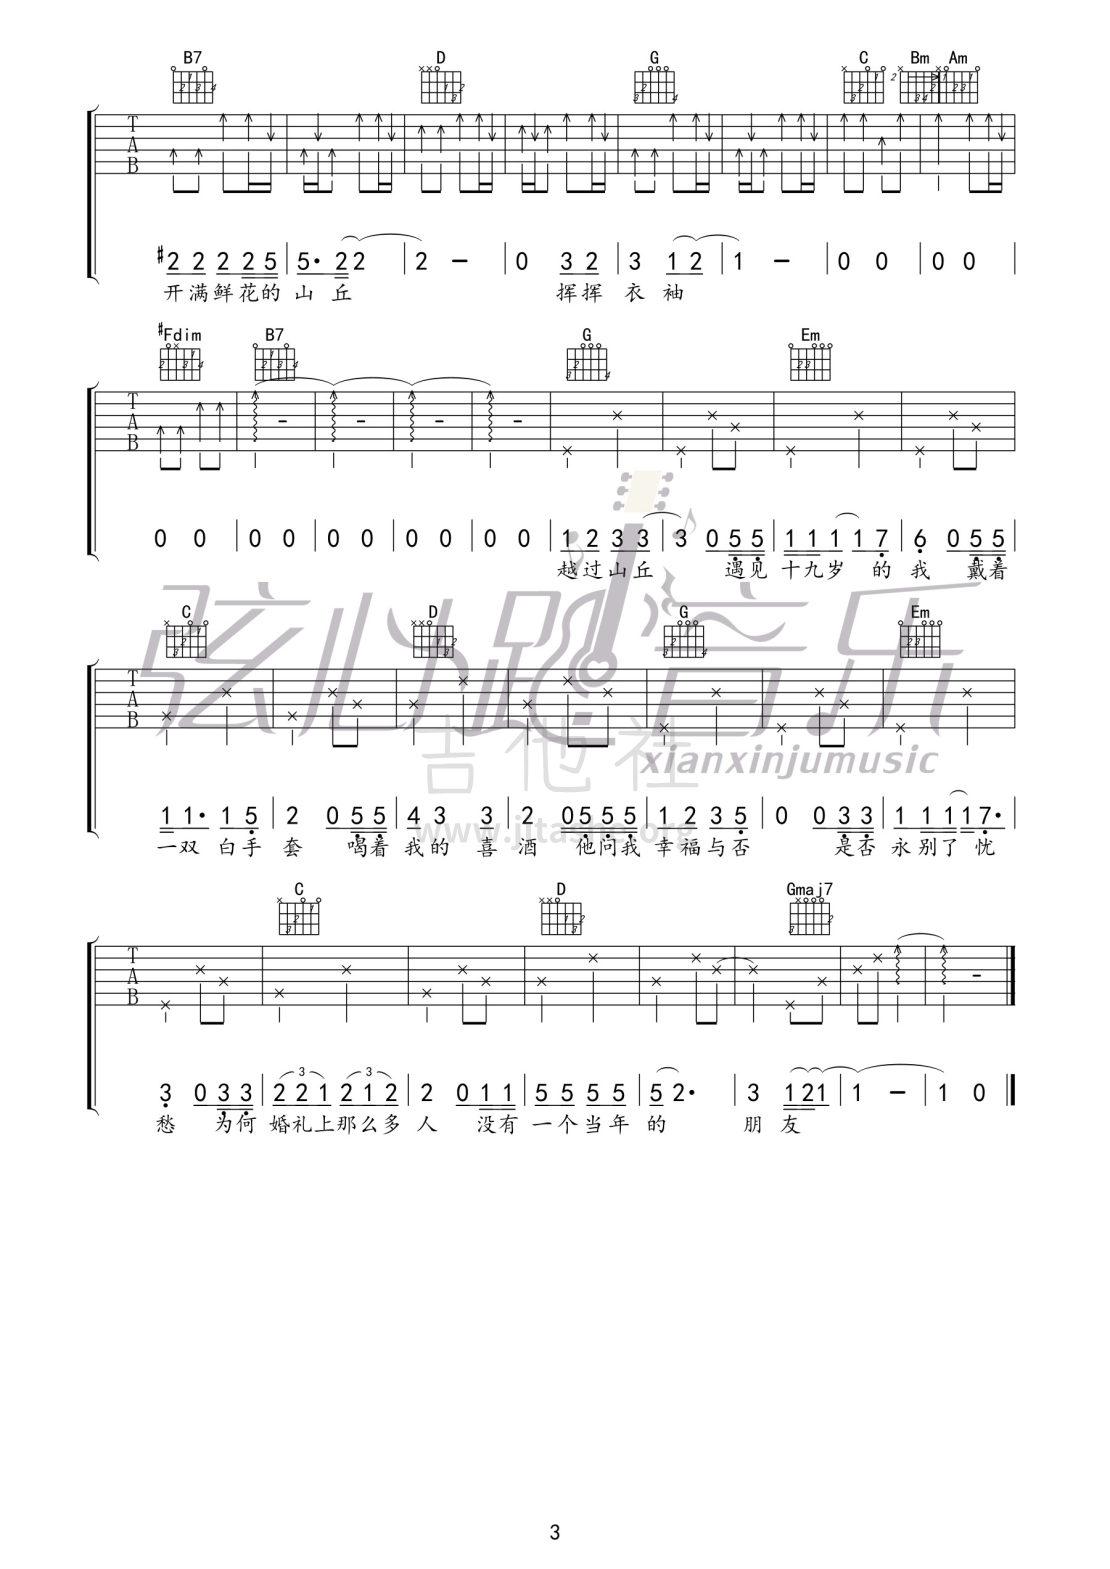 让吉他谱杨宗纬_越过山丘(致李宗盛)吉他谱(图片谱,弹唱)_杨宗纬(aska)_《越过山丘》